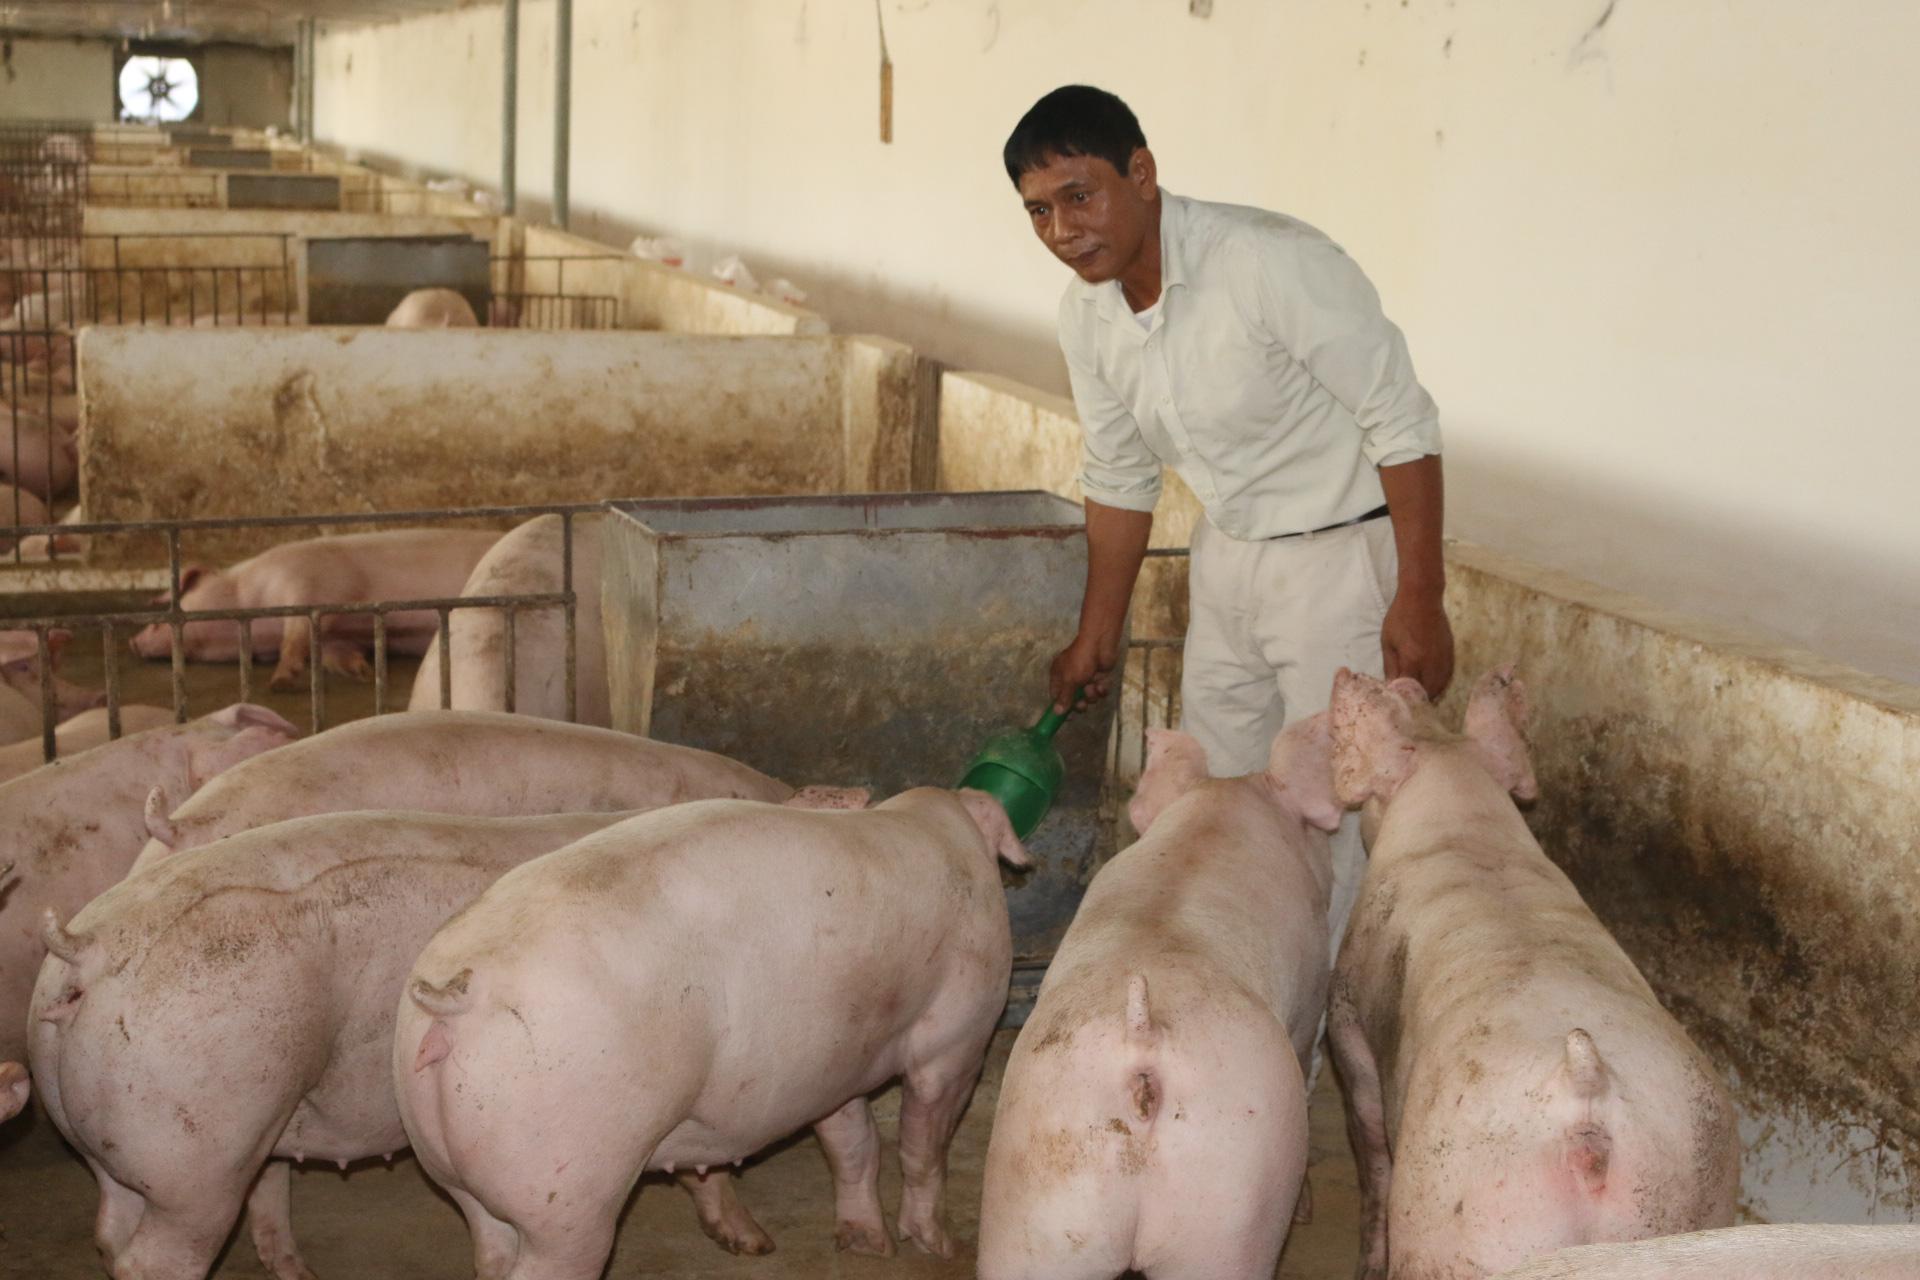 Kể chuyện làng: Dở khóc dở cười chuyện nuôi lợn thời bao cấp - Ảnh 6.